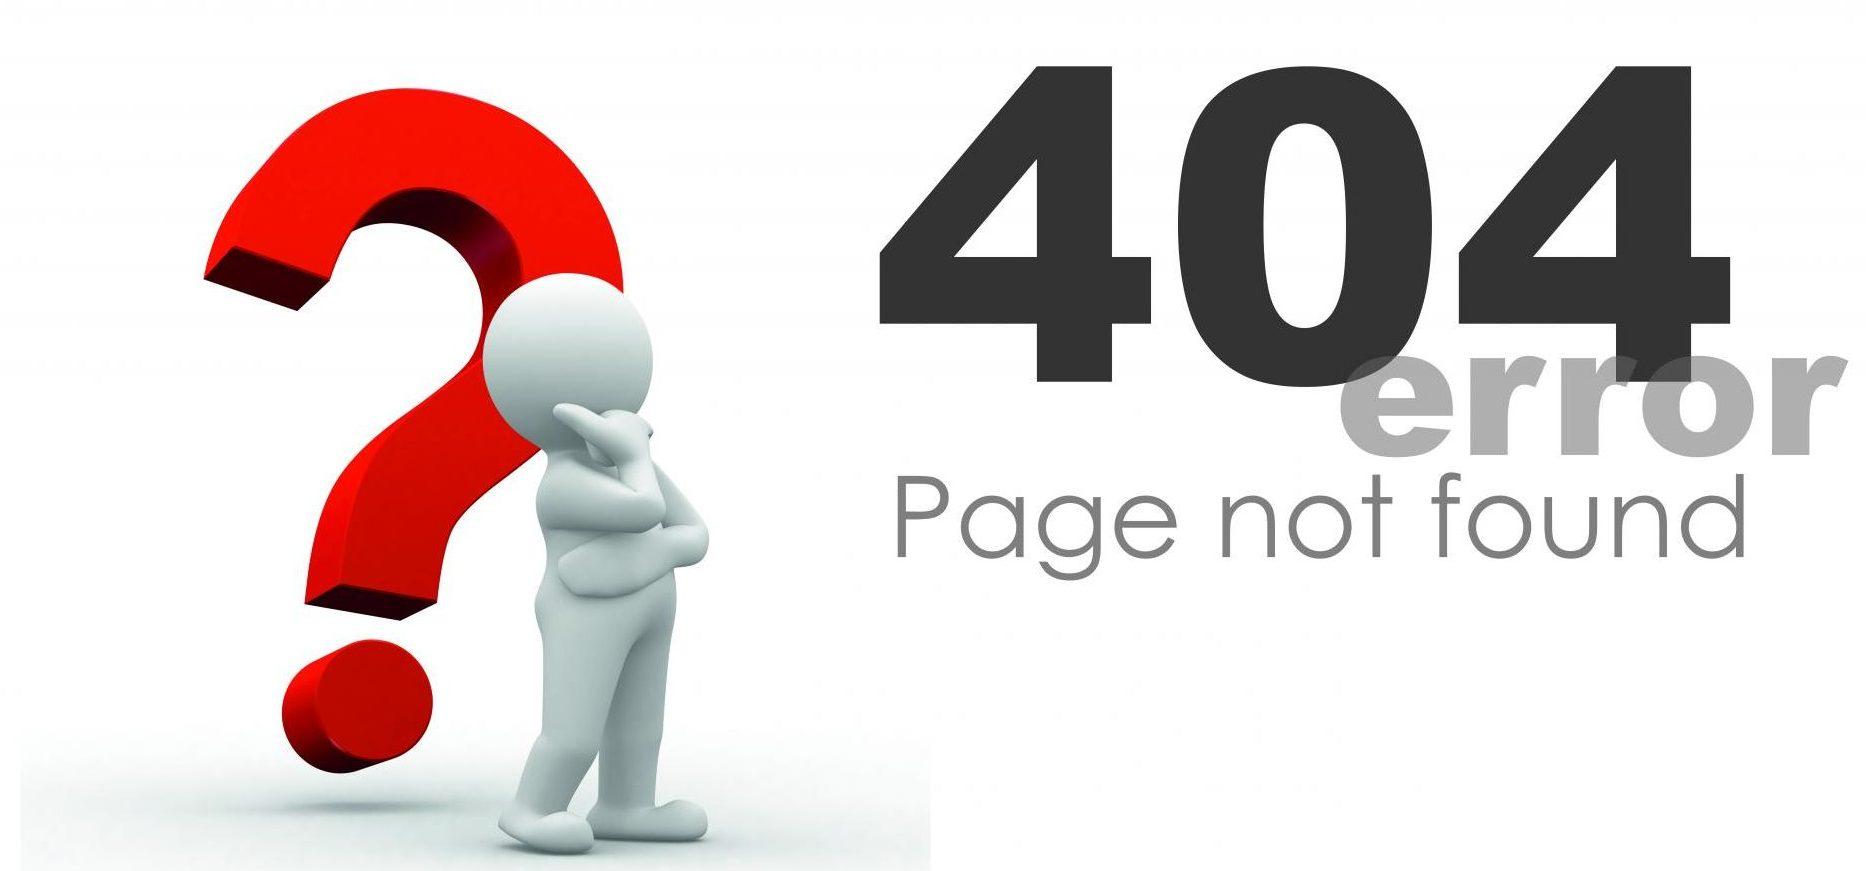 صفحه 404 در تبلیغات گوگل